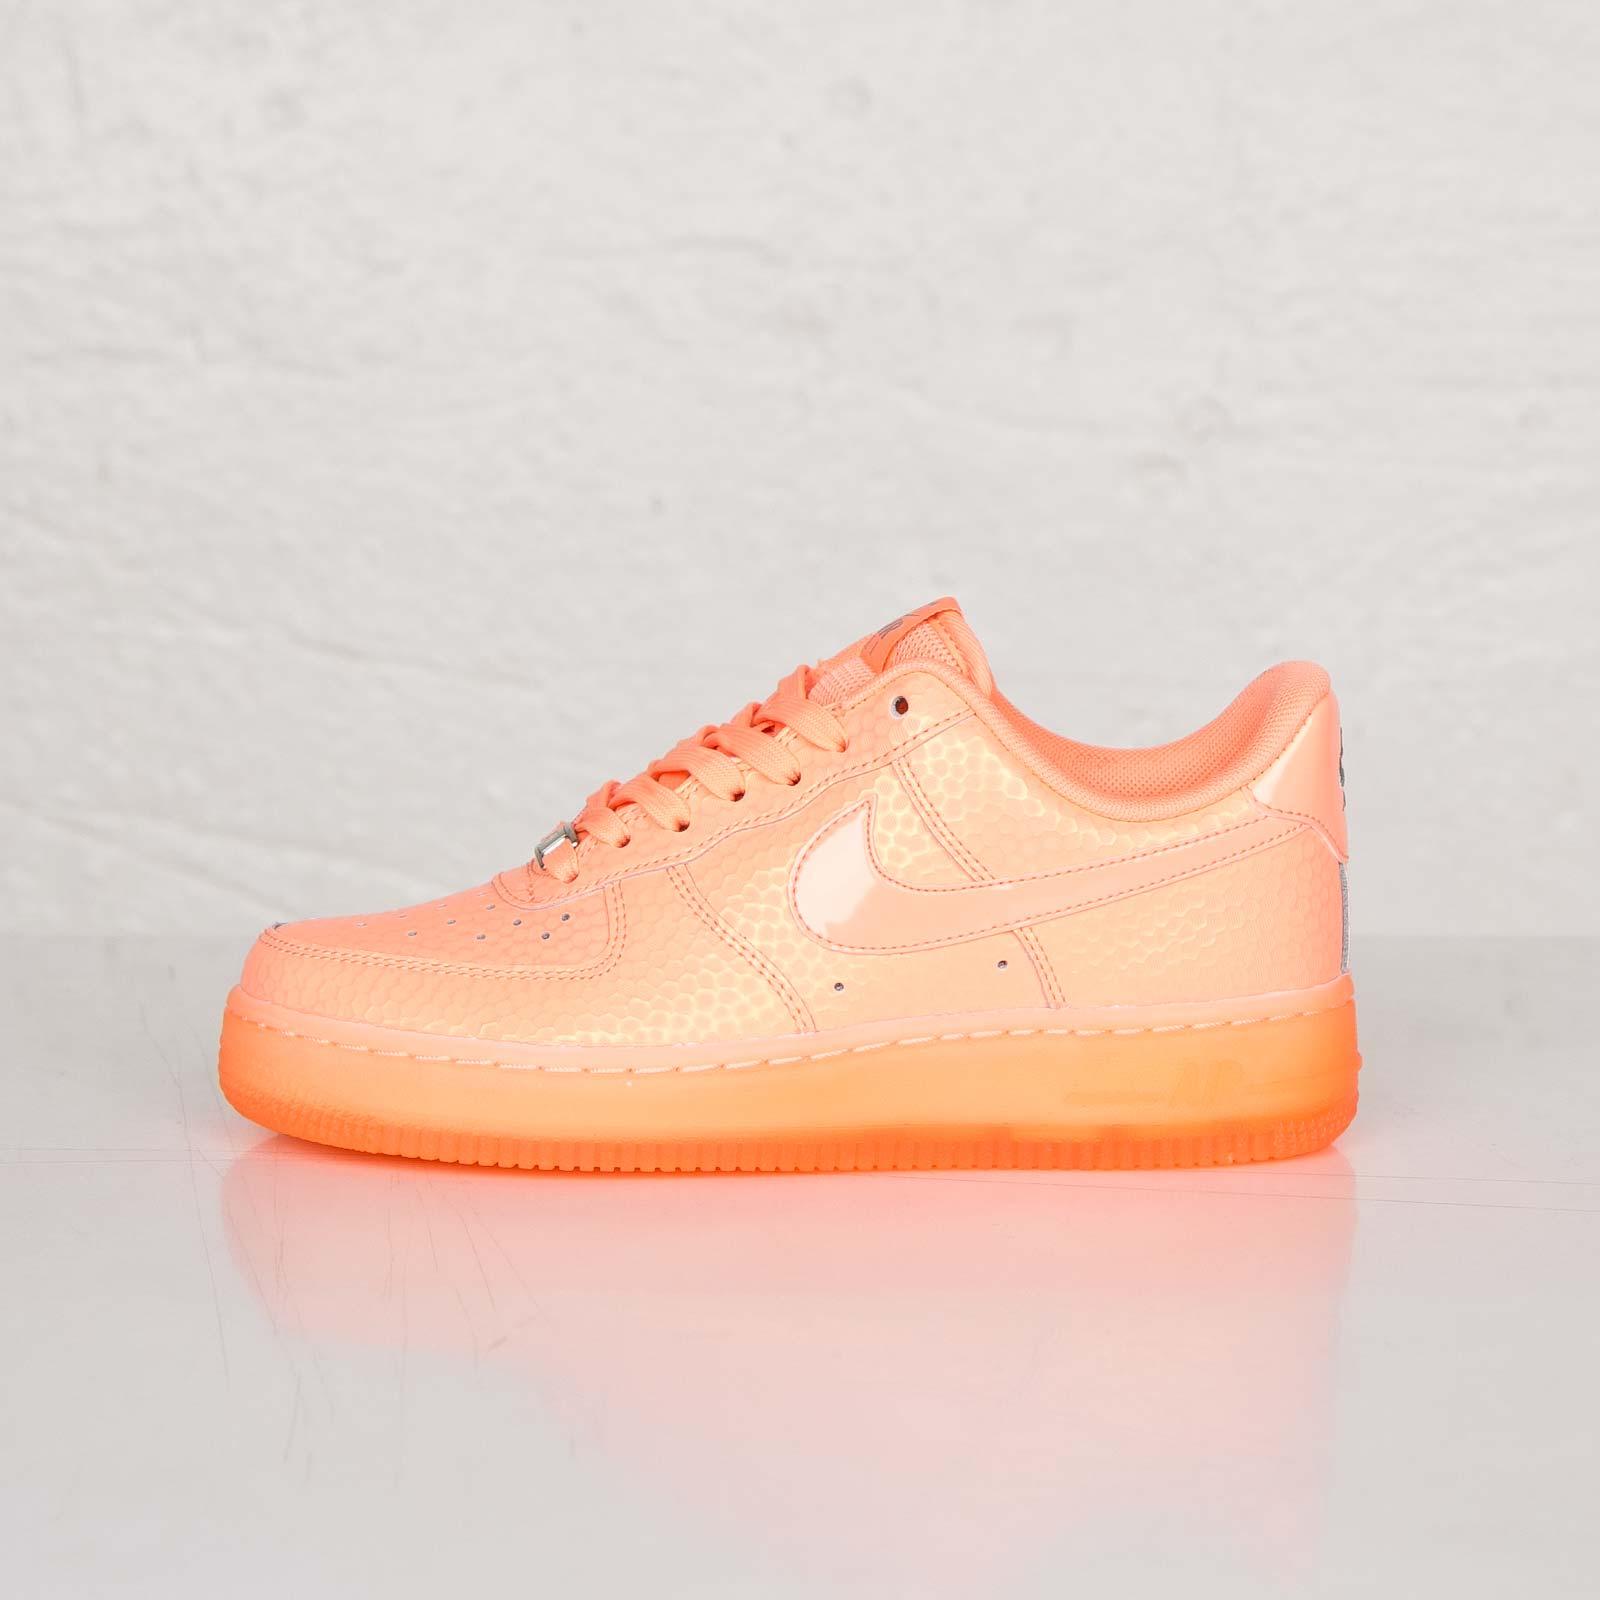 Nike Wmns Air Force 1 07 Premium 616725 800